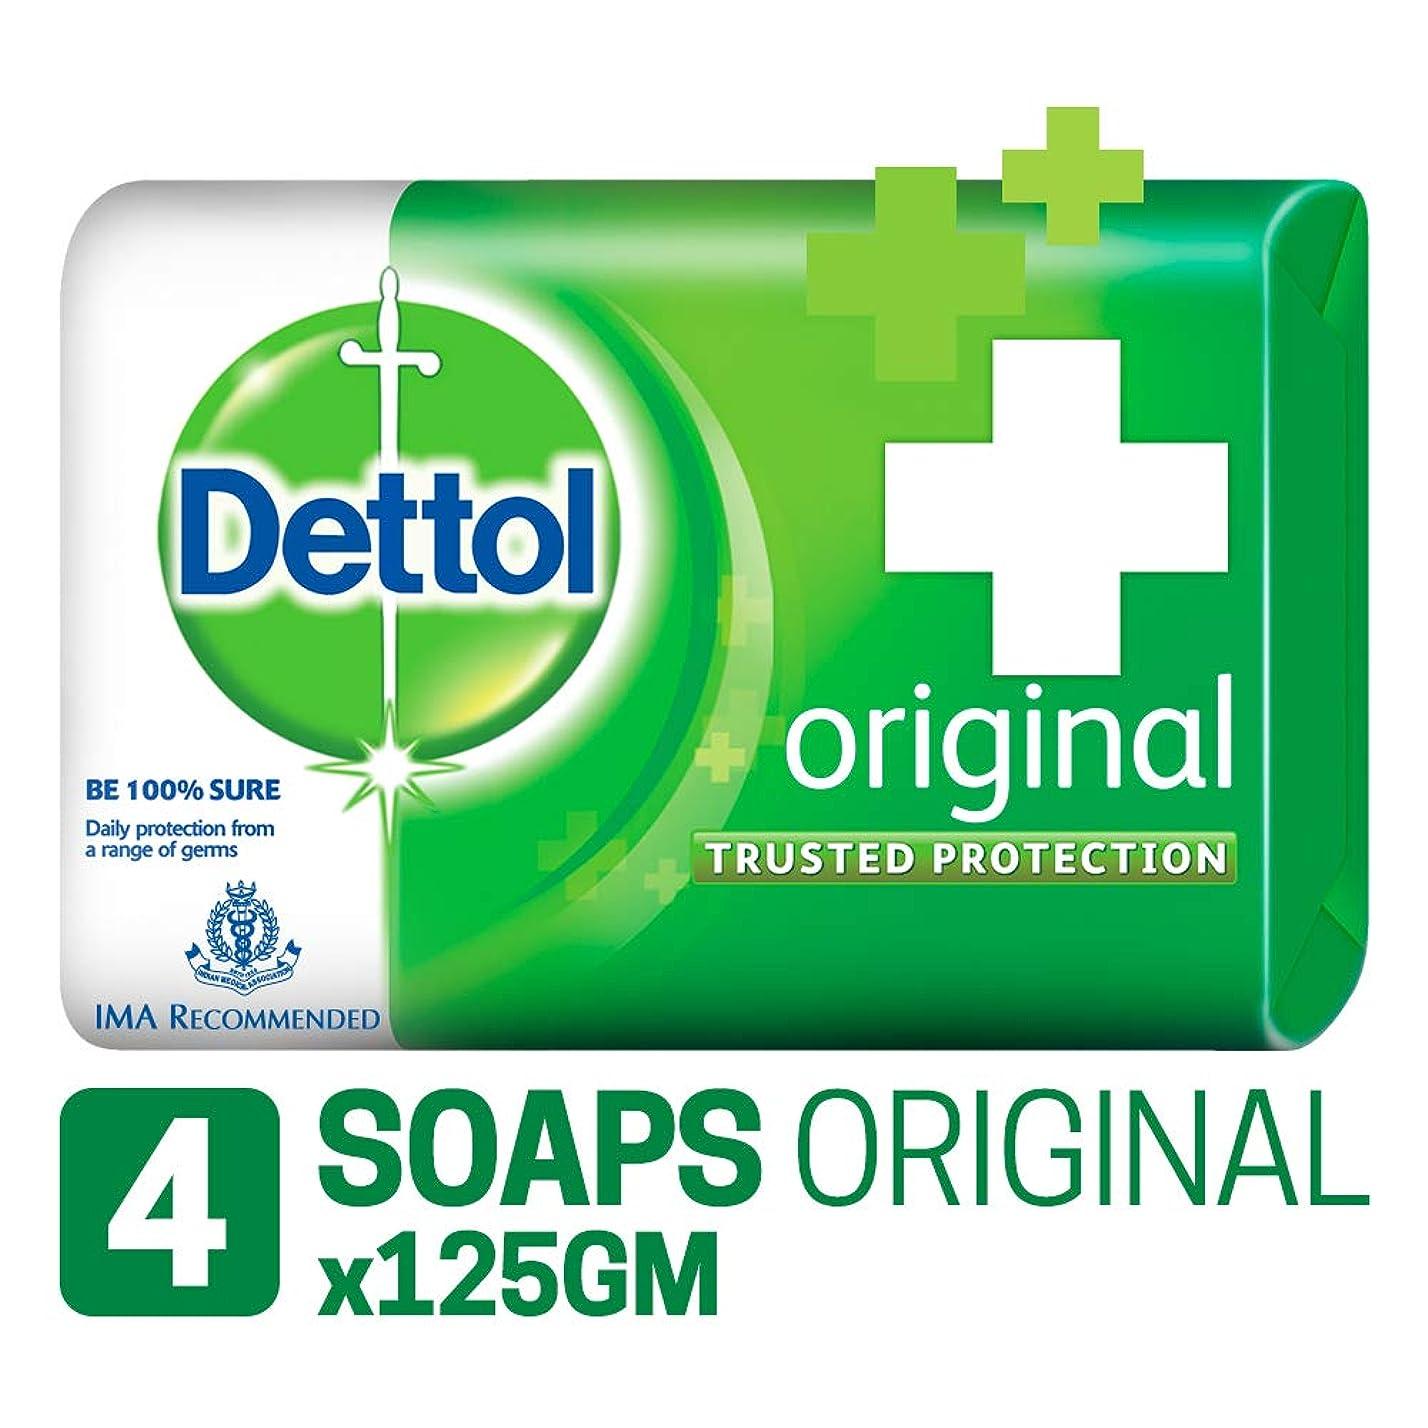 れんがメロディアス昨日Dettol Original Soap, 125g (Pack Of 4) SHIP FROM INDIA